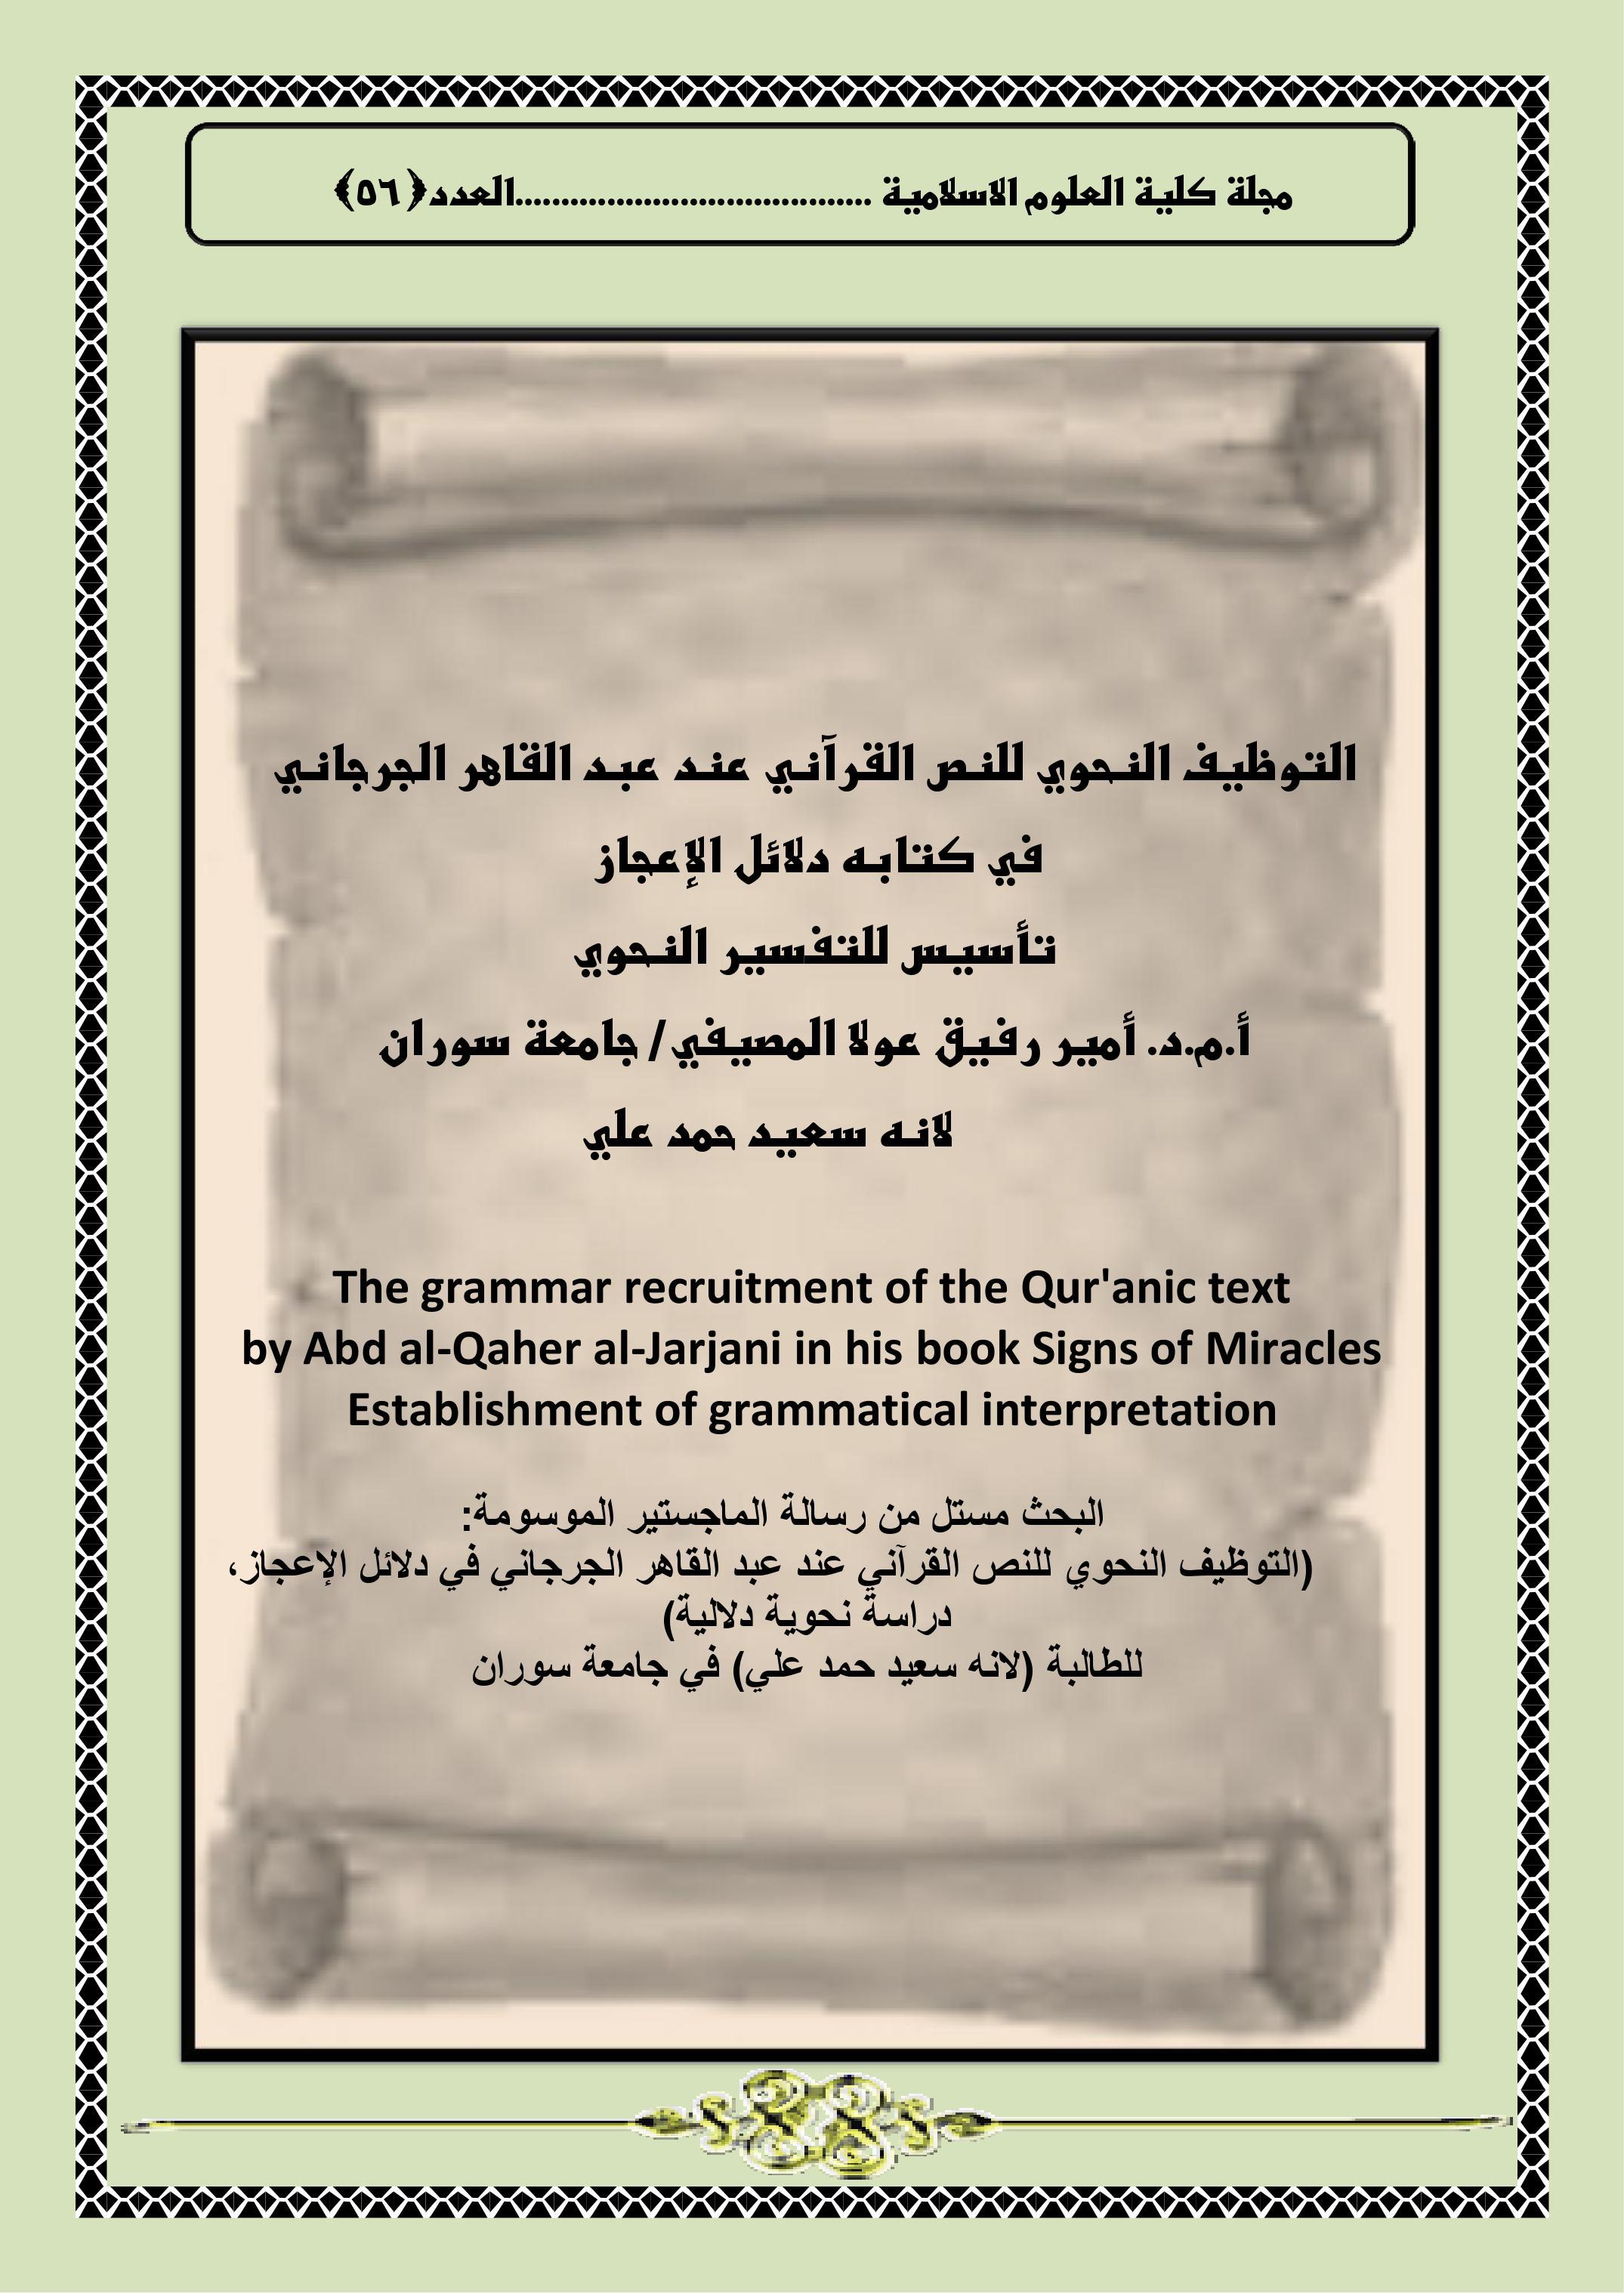 التوظيف النحوي للنص القرآني عند عبد القاهر الجرجاني  في كتابه دلائل الإعجاز  تأسيس للتفسير النحوي